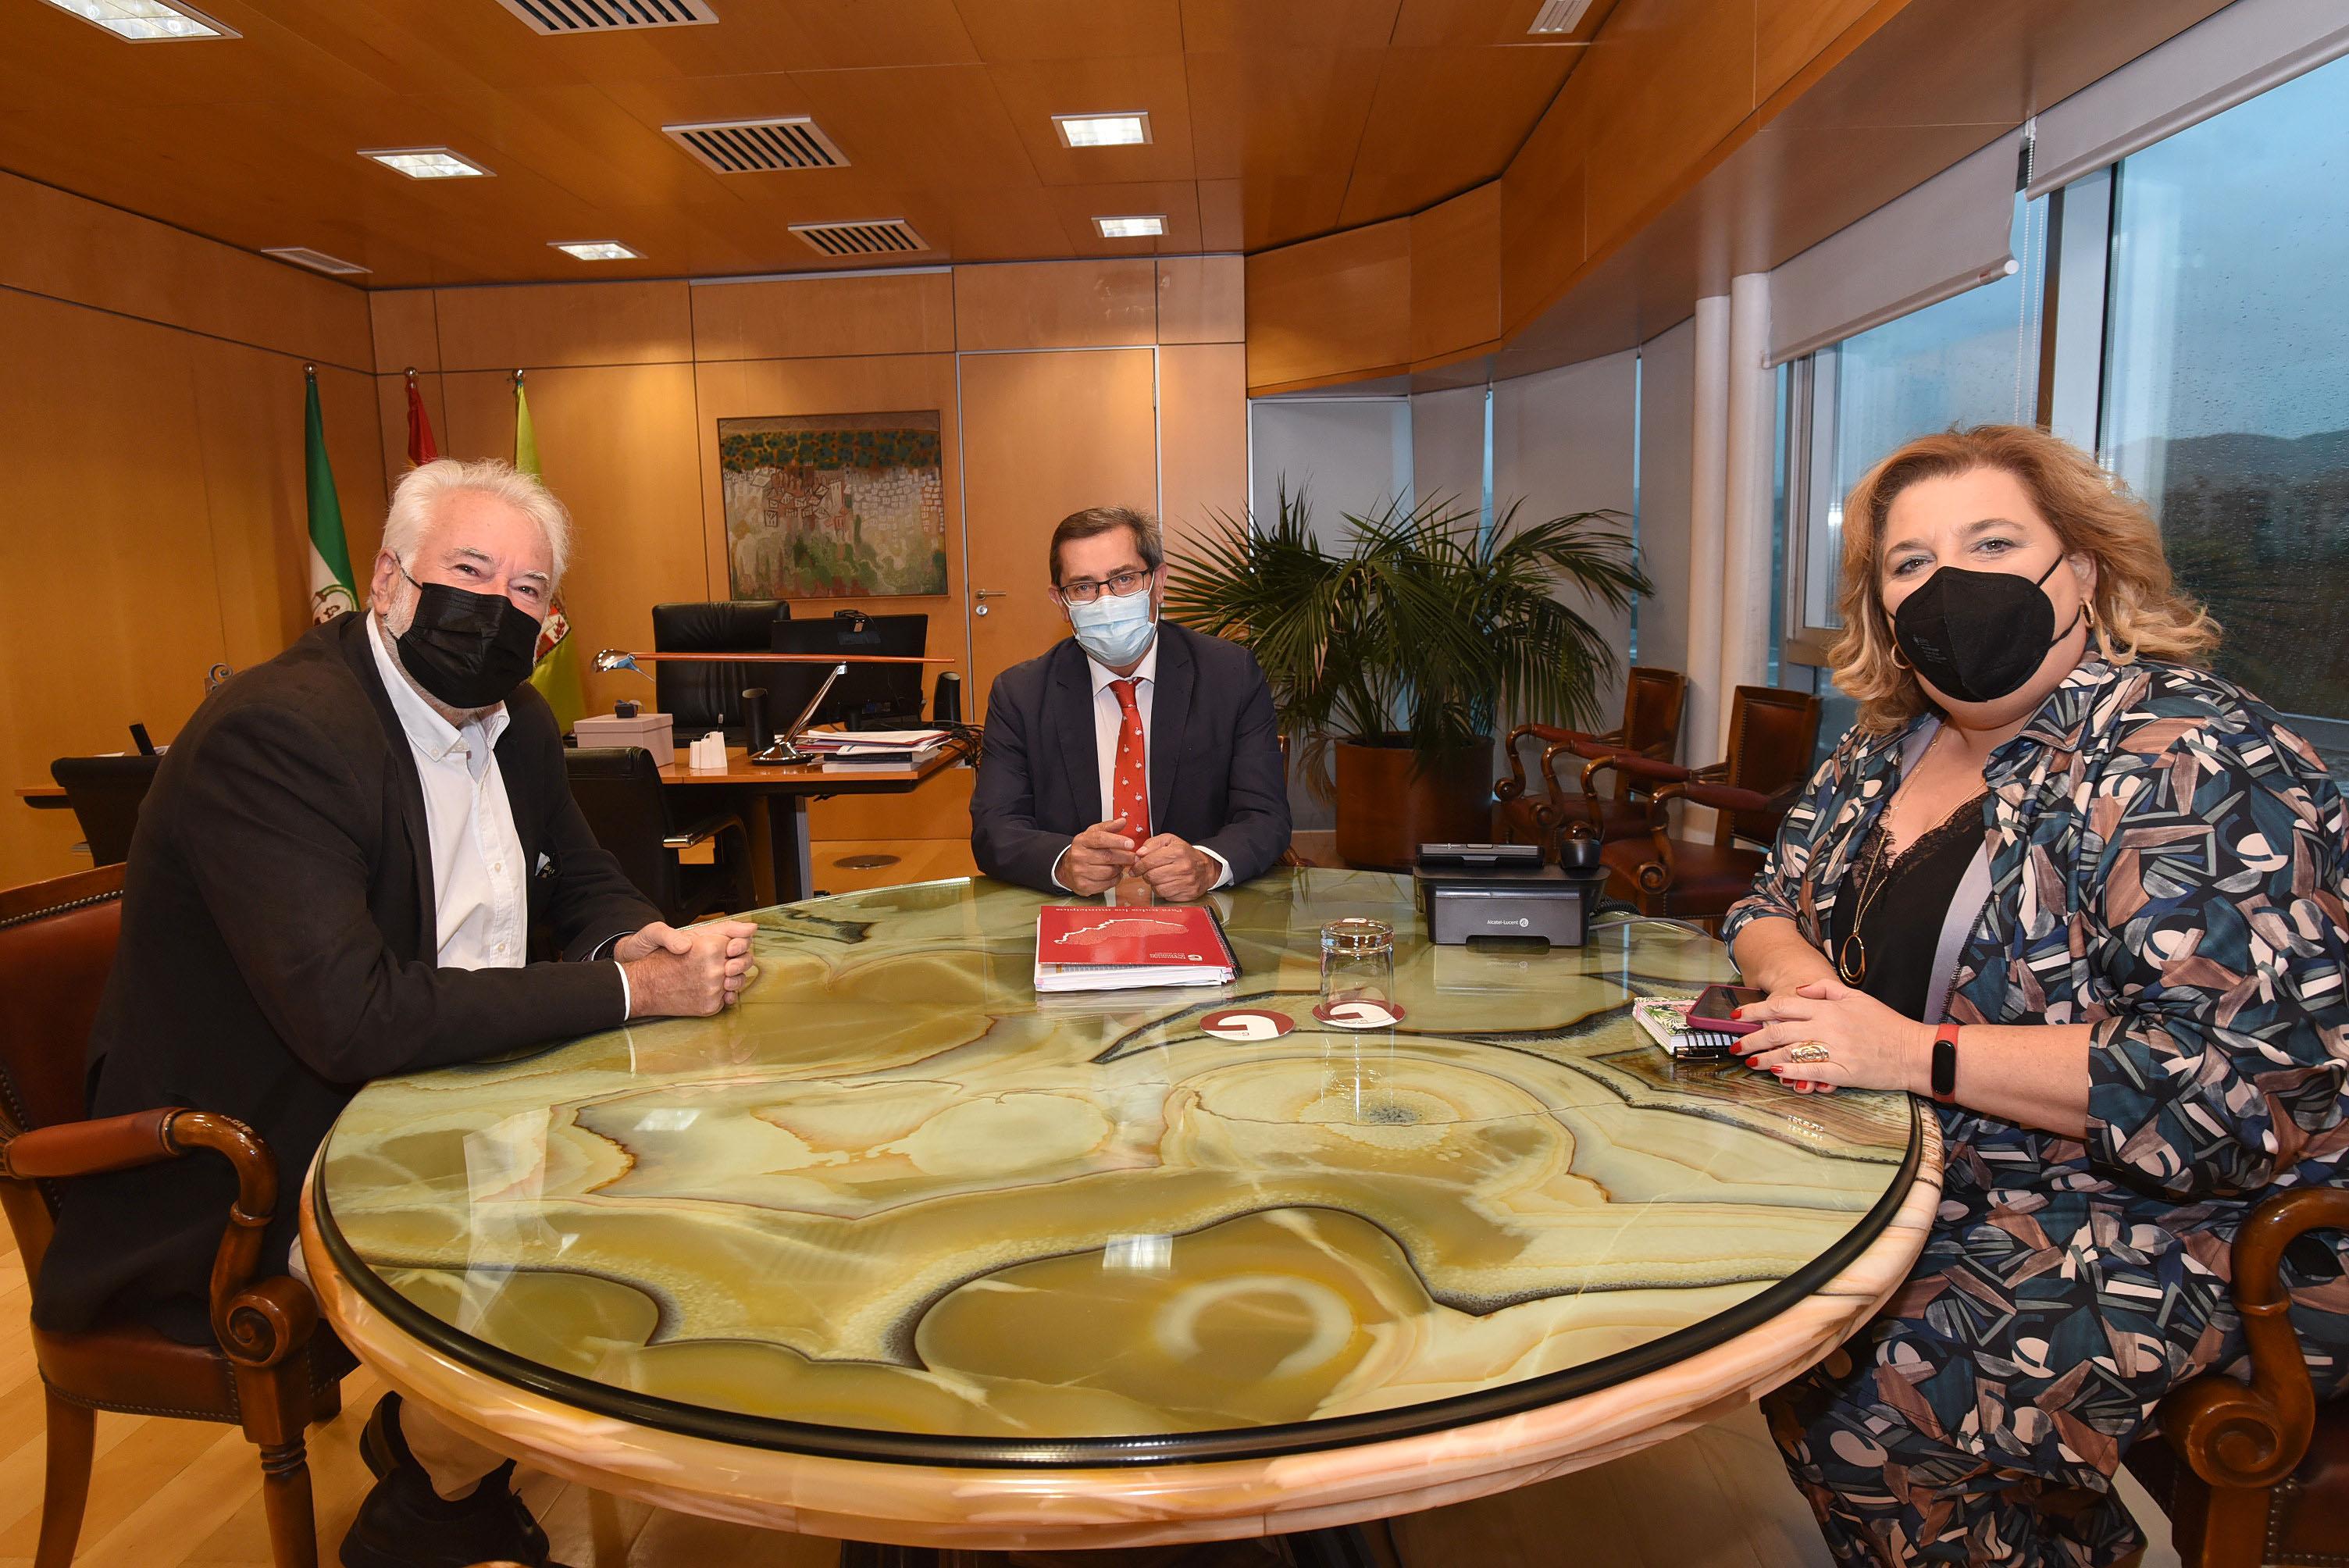 El presidente de la Diputación recibe al director del Festival de Música y Danza de Granada